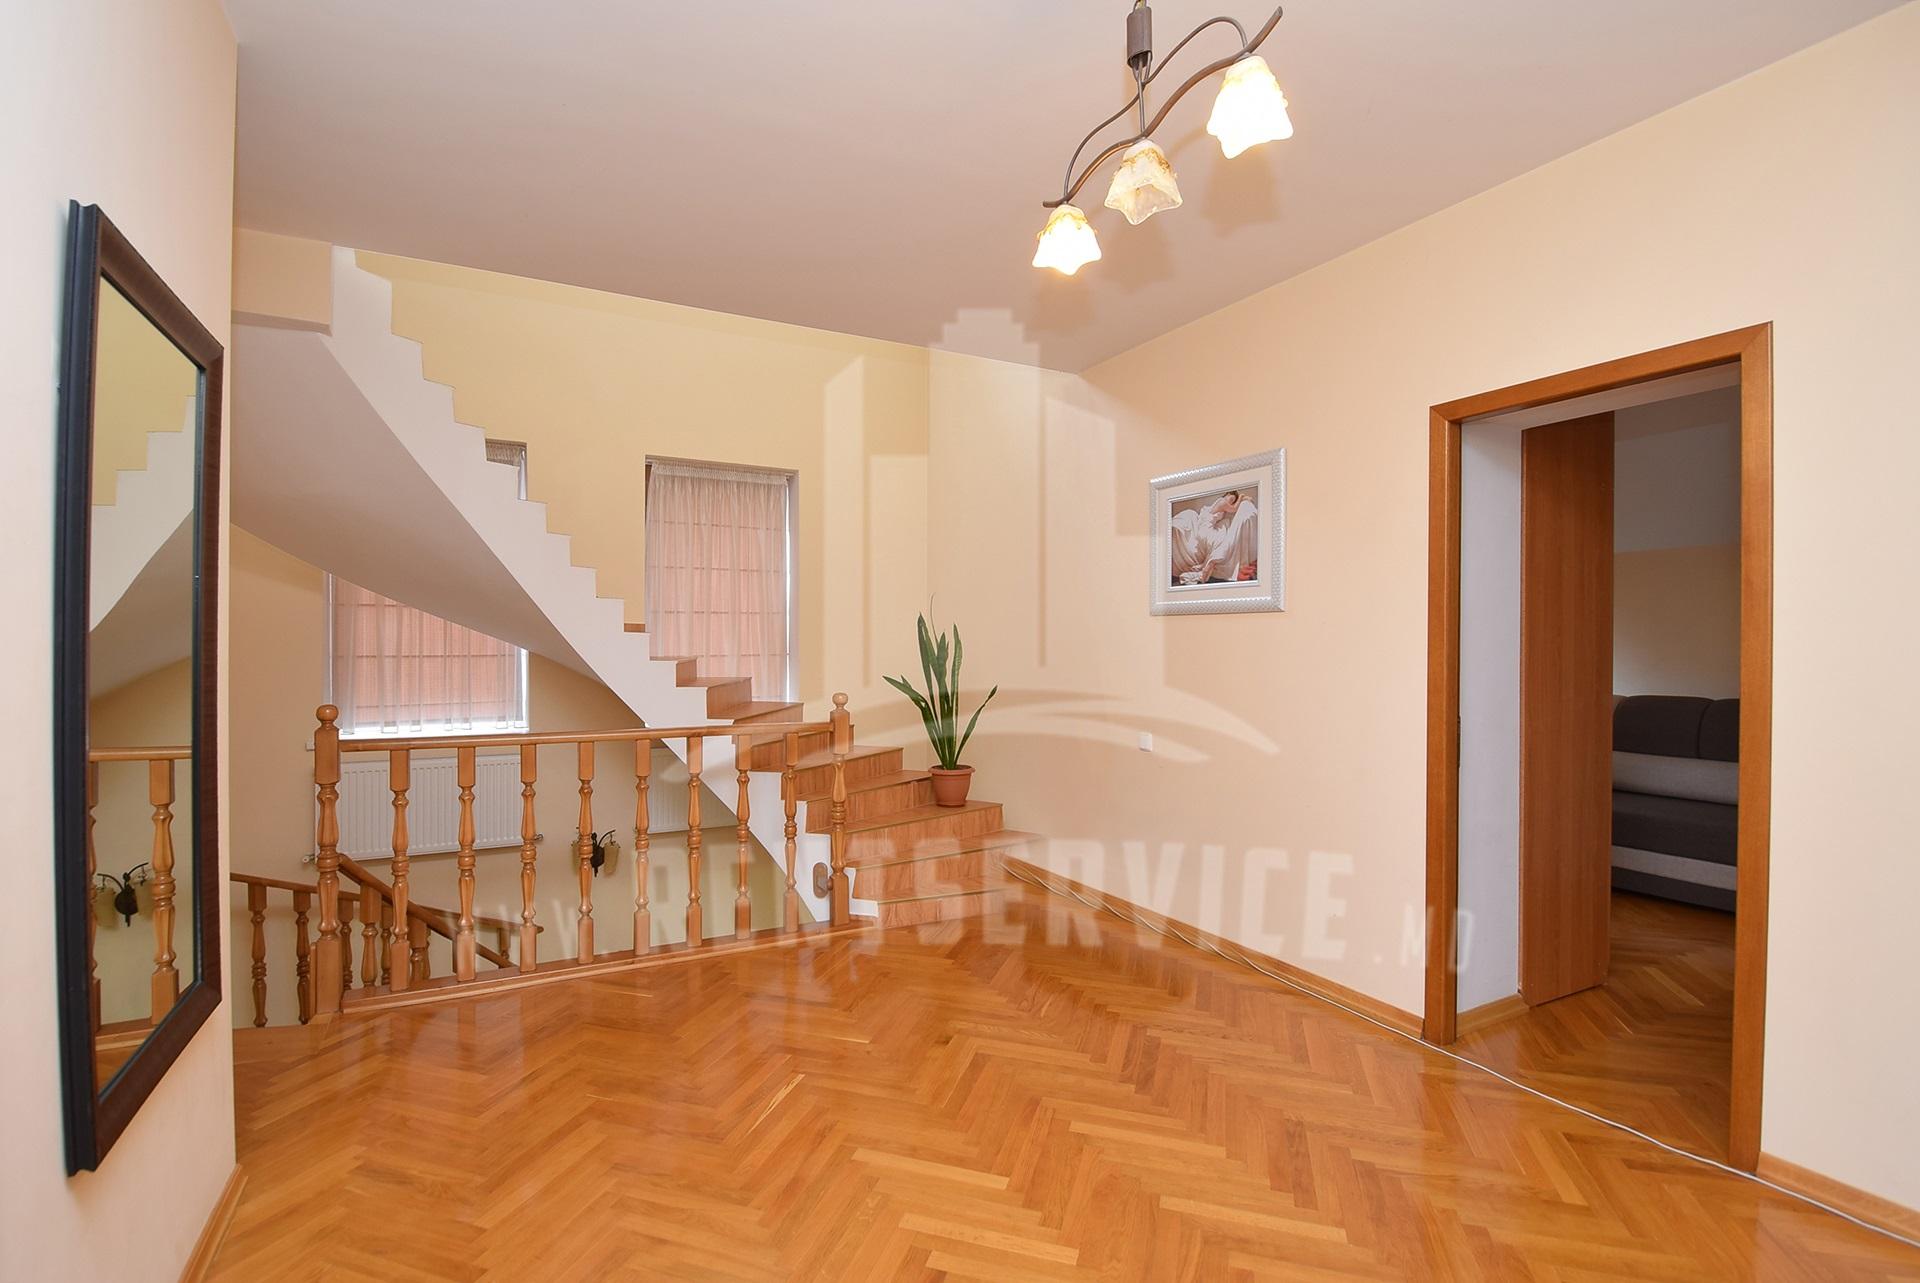 131_house_8.jpg